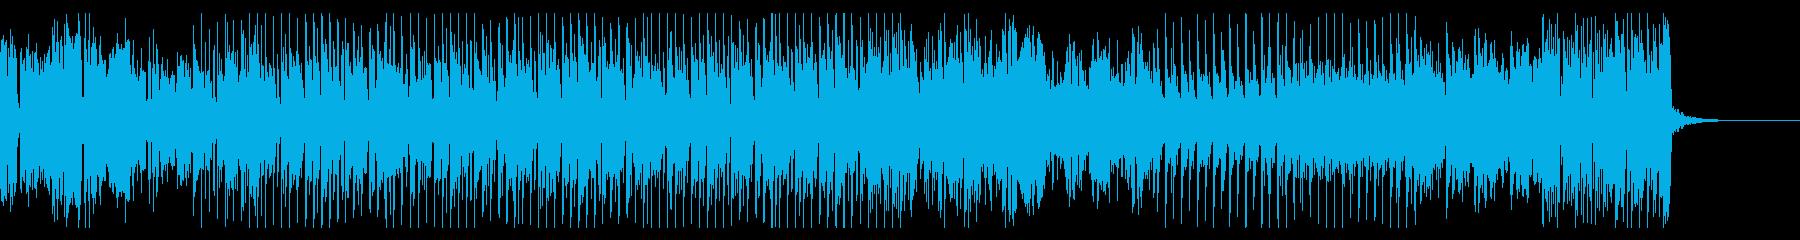 摩天楼のダンサンブルハウスサウンドの再生済みの波形